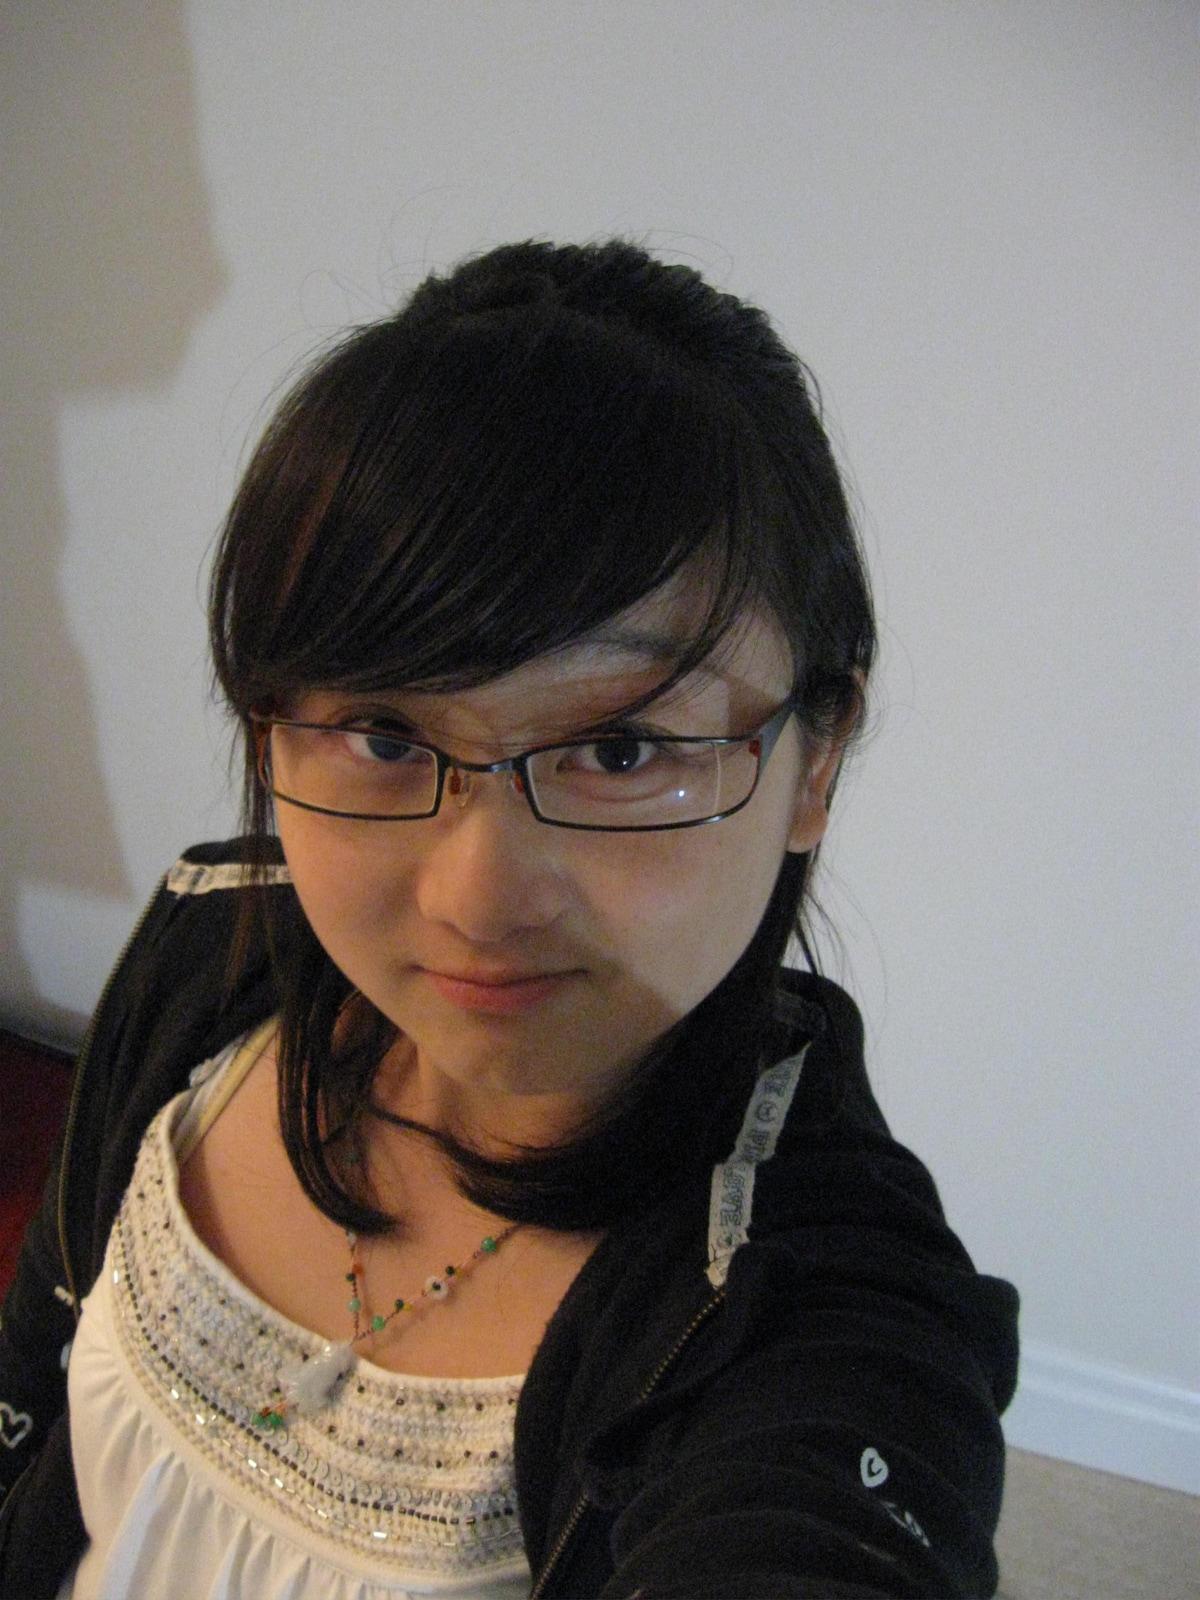 Aily Yiyue